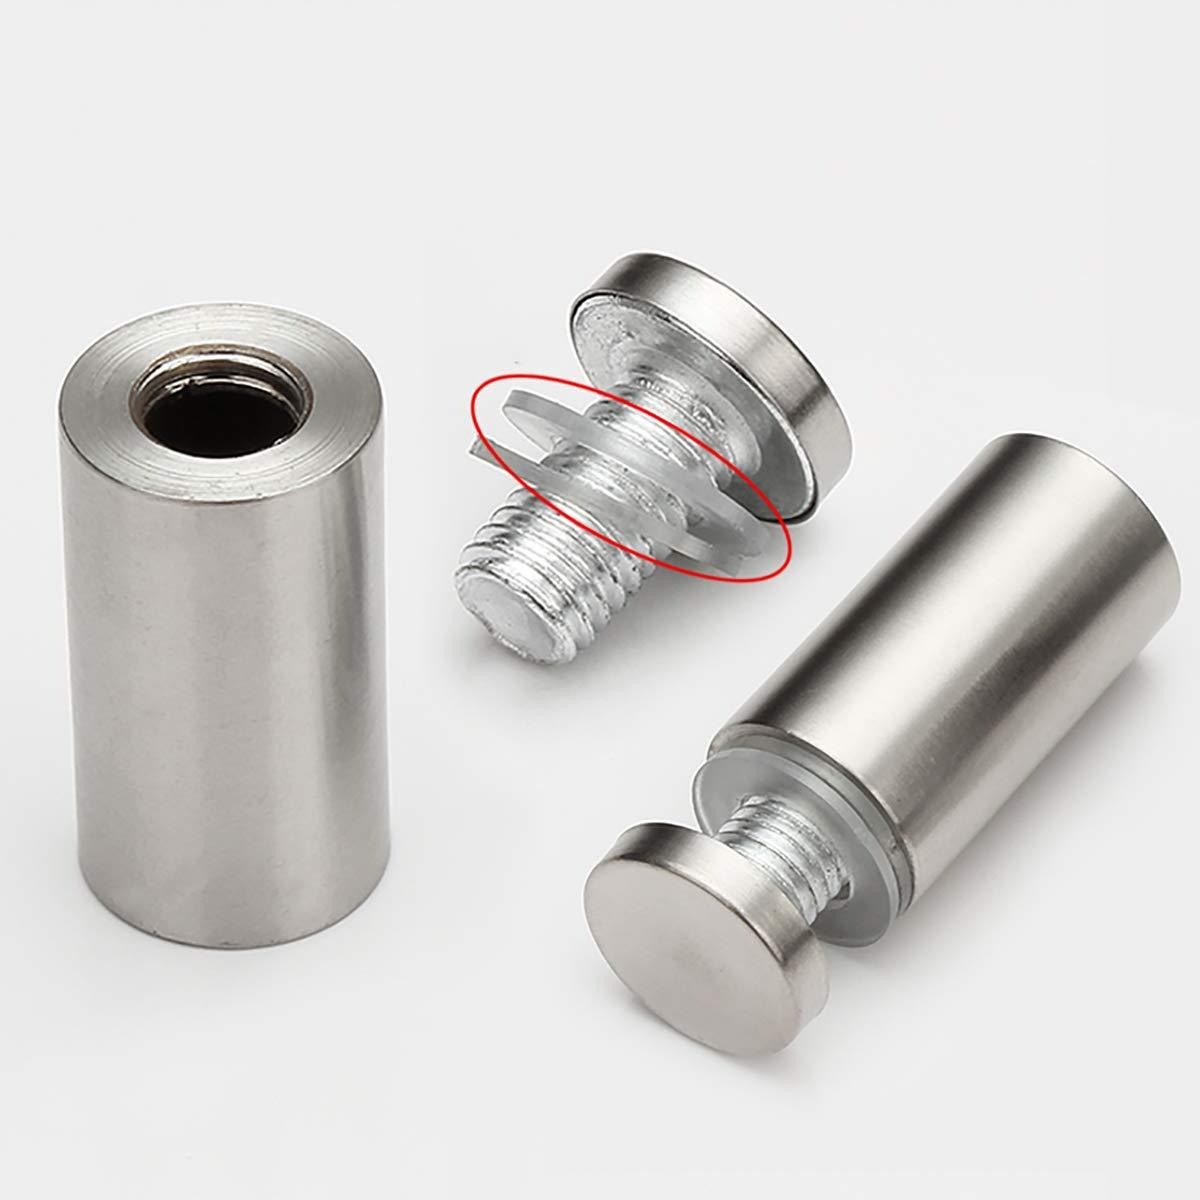 Publicidad de vidrio acr/ílico Standoff con accesorios de montaje de tornillo 12X Qrity Separador de fijaci/ón de vidrio 19X30mm